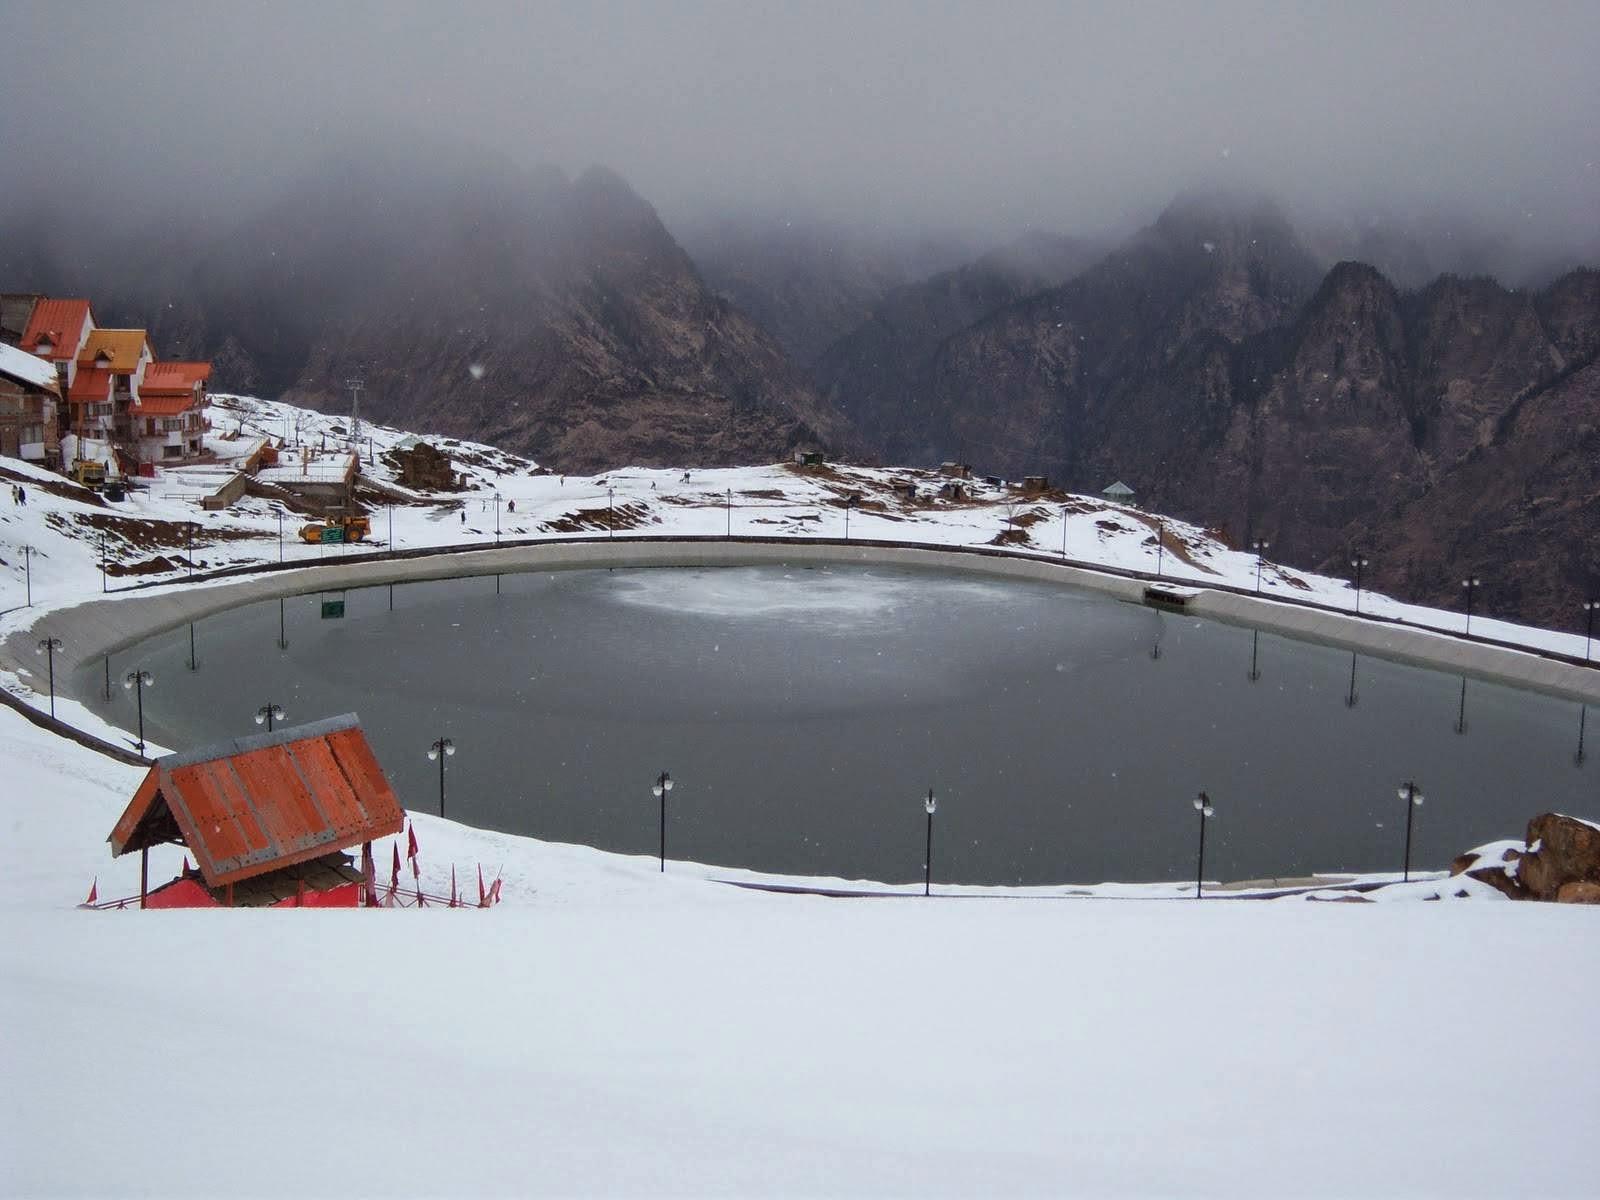 ski destination - Auli, Uttarakhand